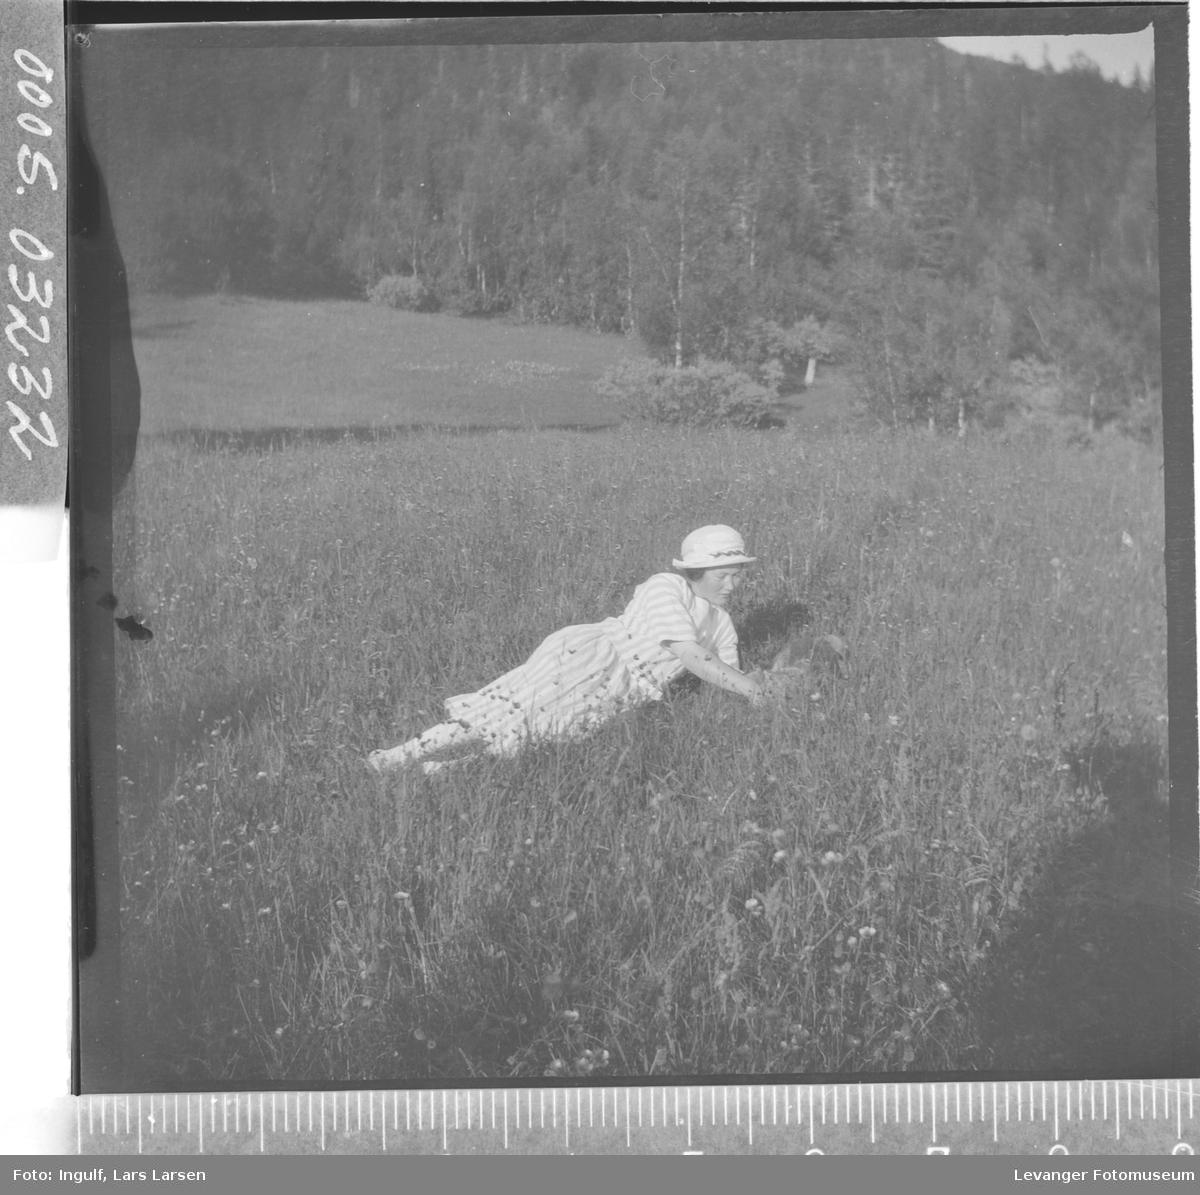 Portrett av en kvinne som ligger i en eng.